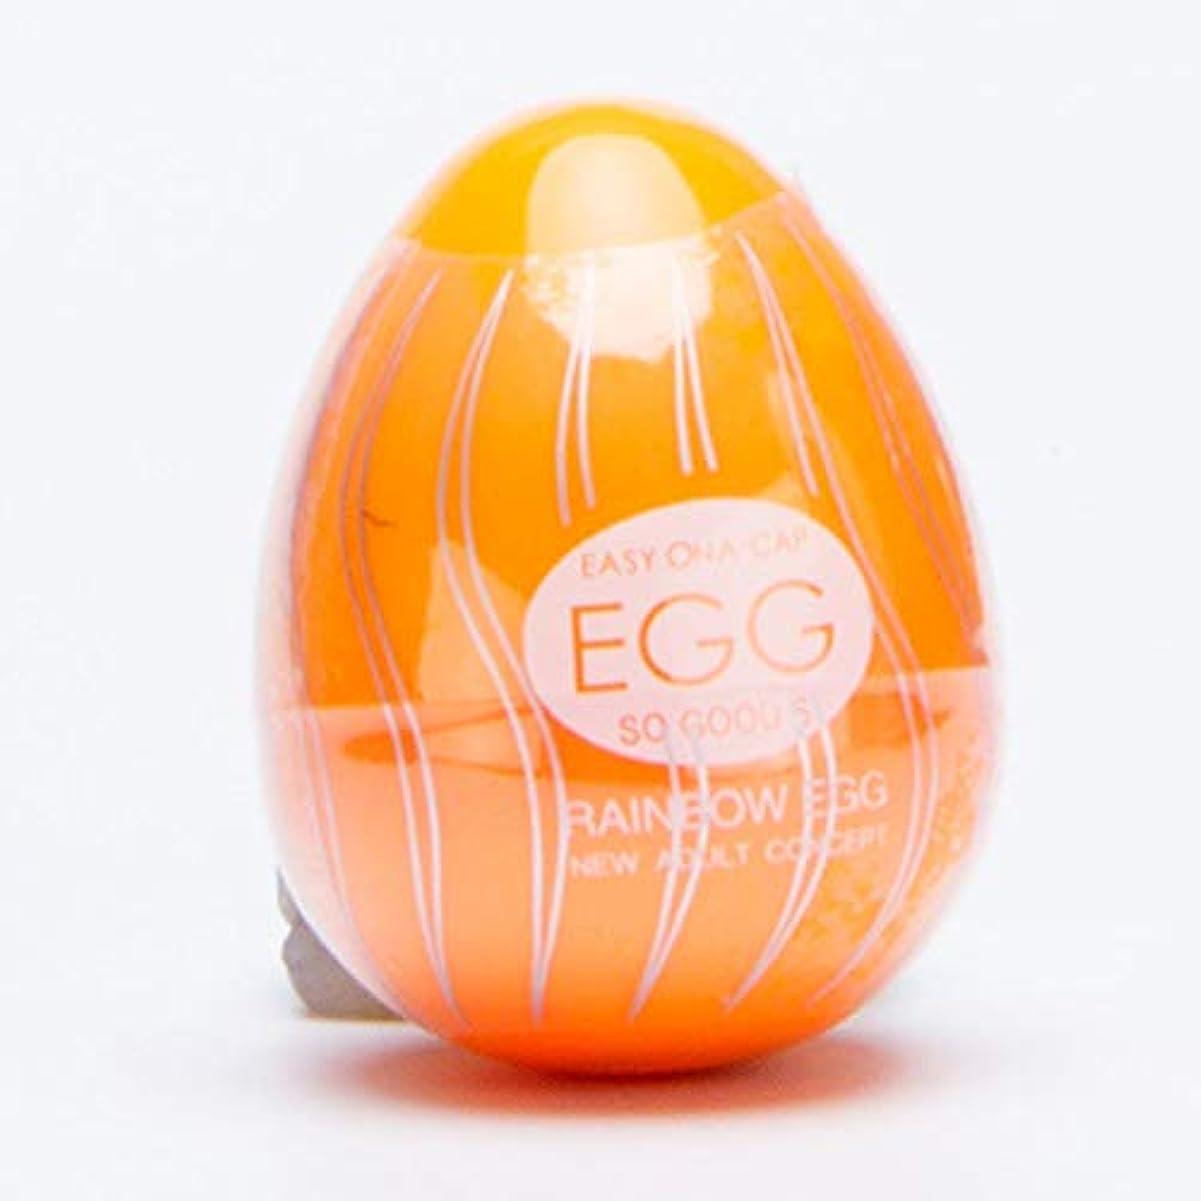 静かな多用途先行するRabugoo 大人のおもちゃ 男性の性のおもちゃの陰茎のマッサージャーの喜びのセックスレインボーエッグ オレンジ